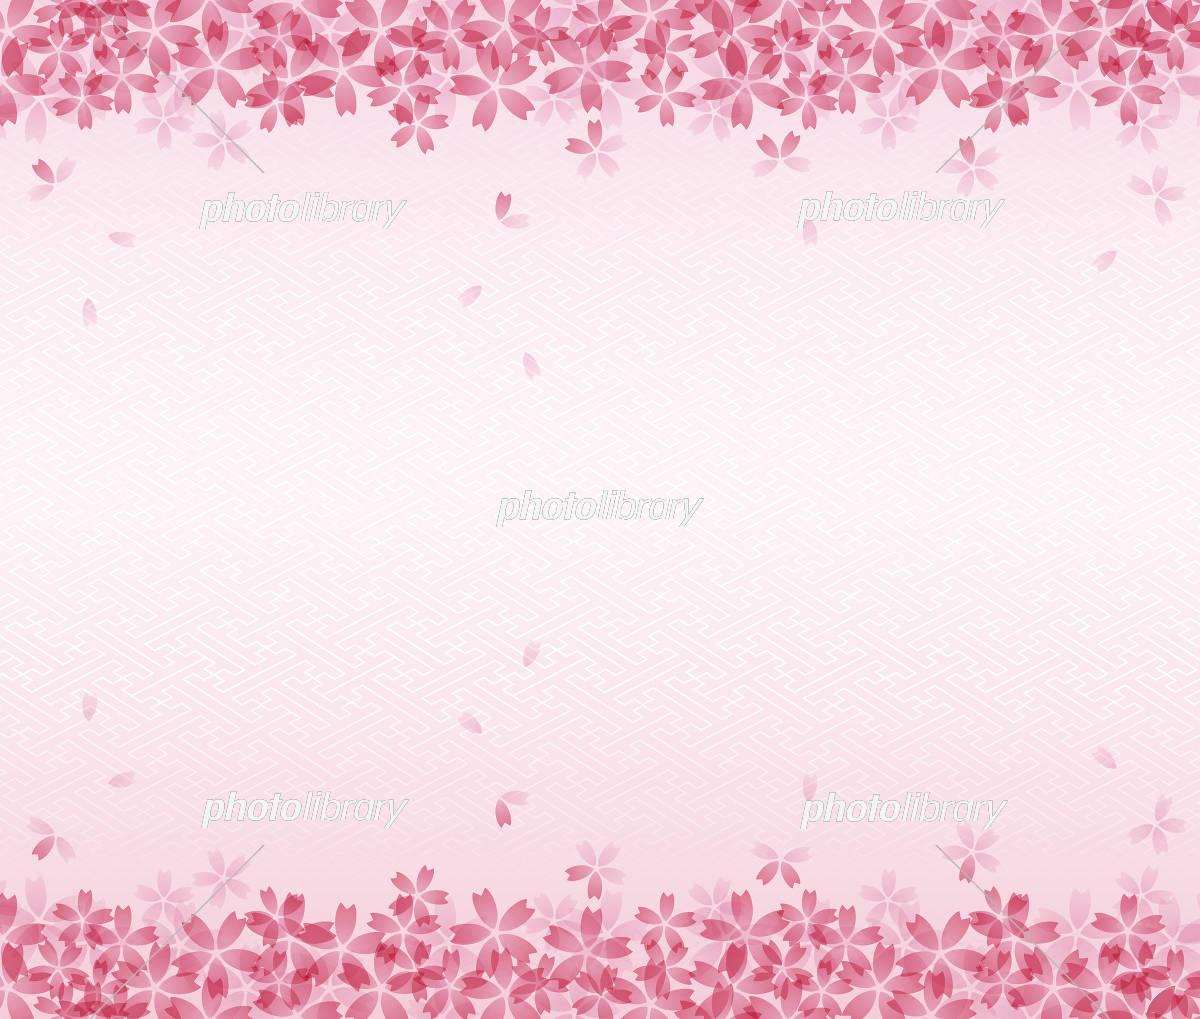 桜の和風背景イラスト 桜吹雪 イラスト素材 [ 5468863 ] - フォトライブ